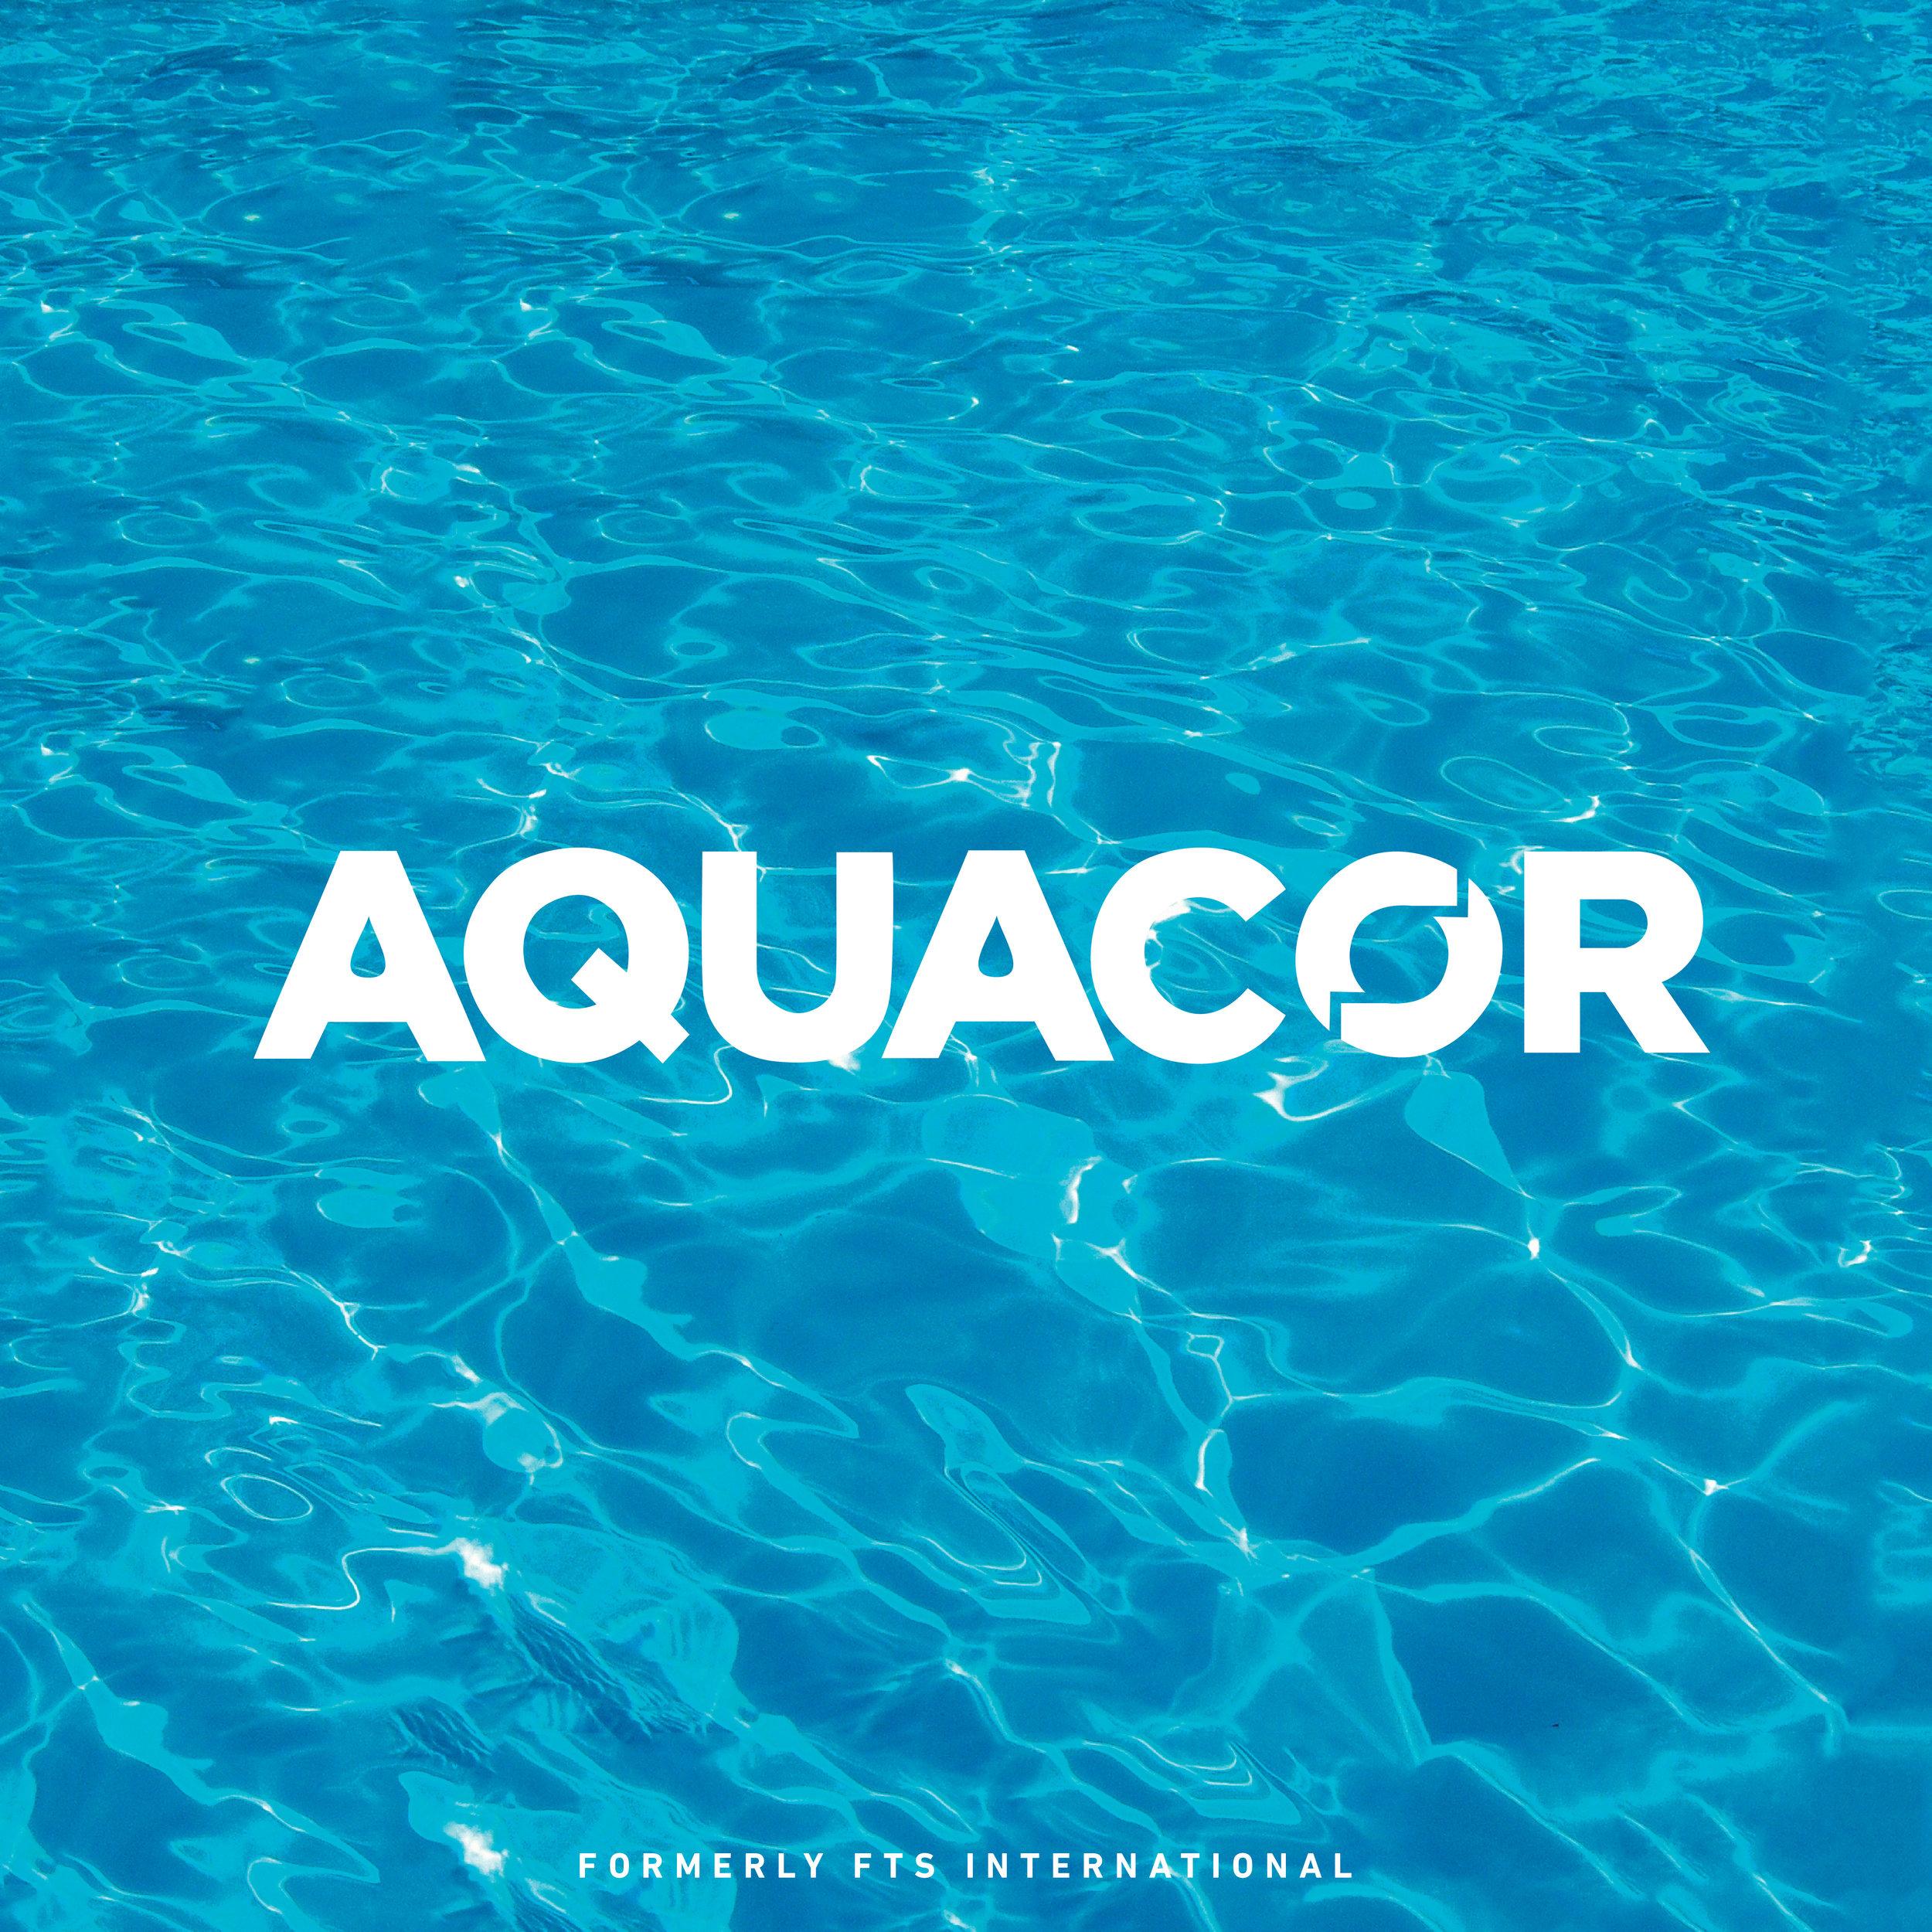 Aquacor